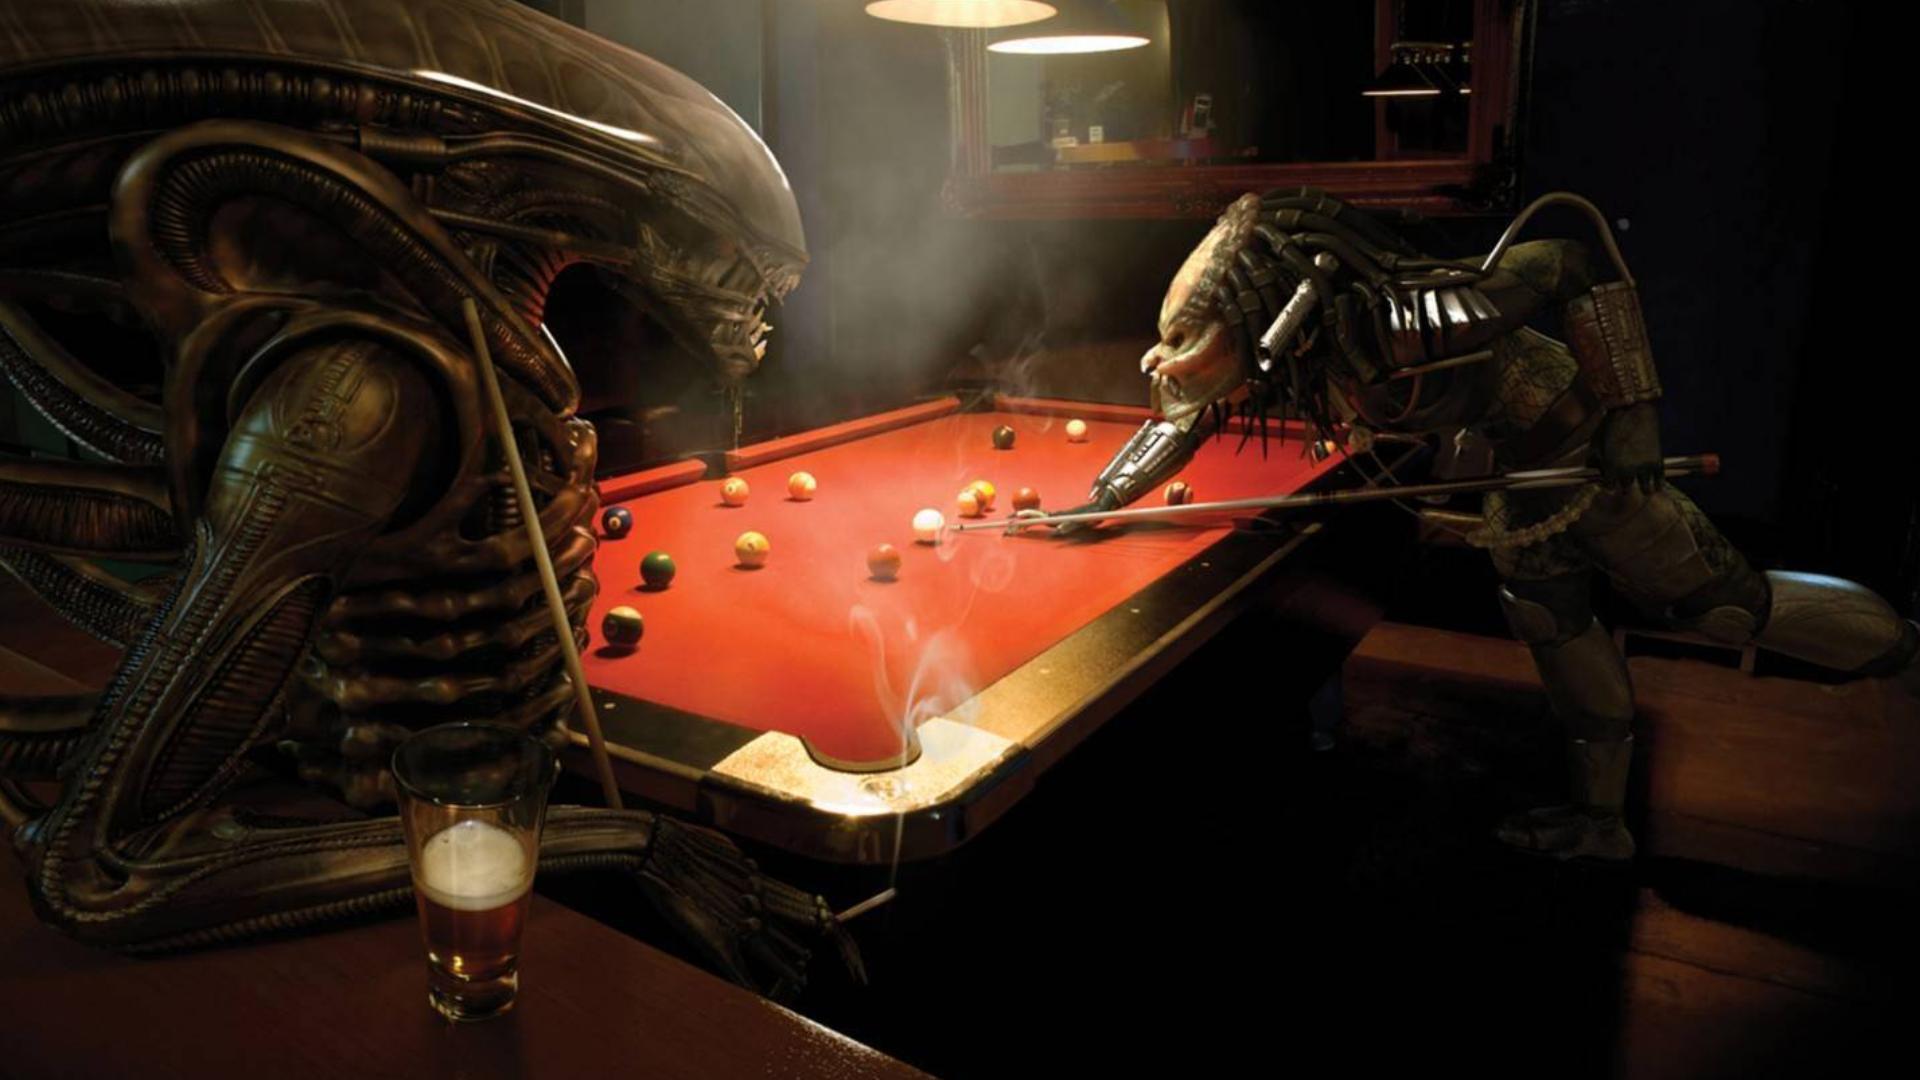 《异形》电影污到不行?盘点异形系列中的各种暗示元素!